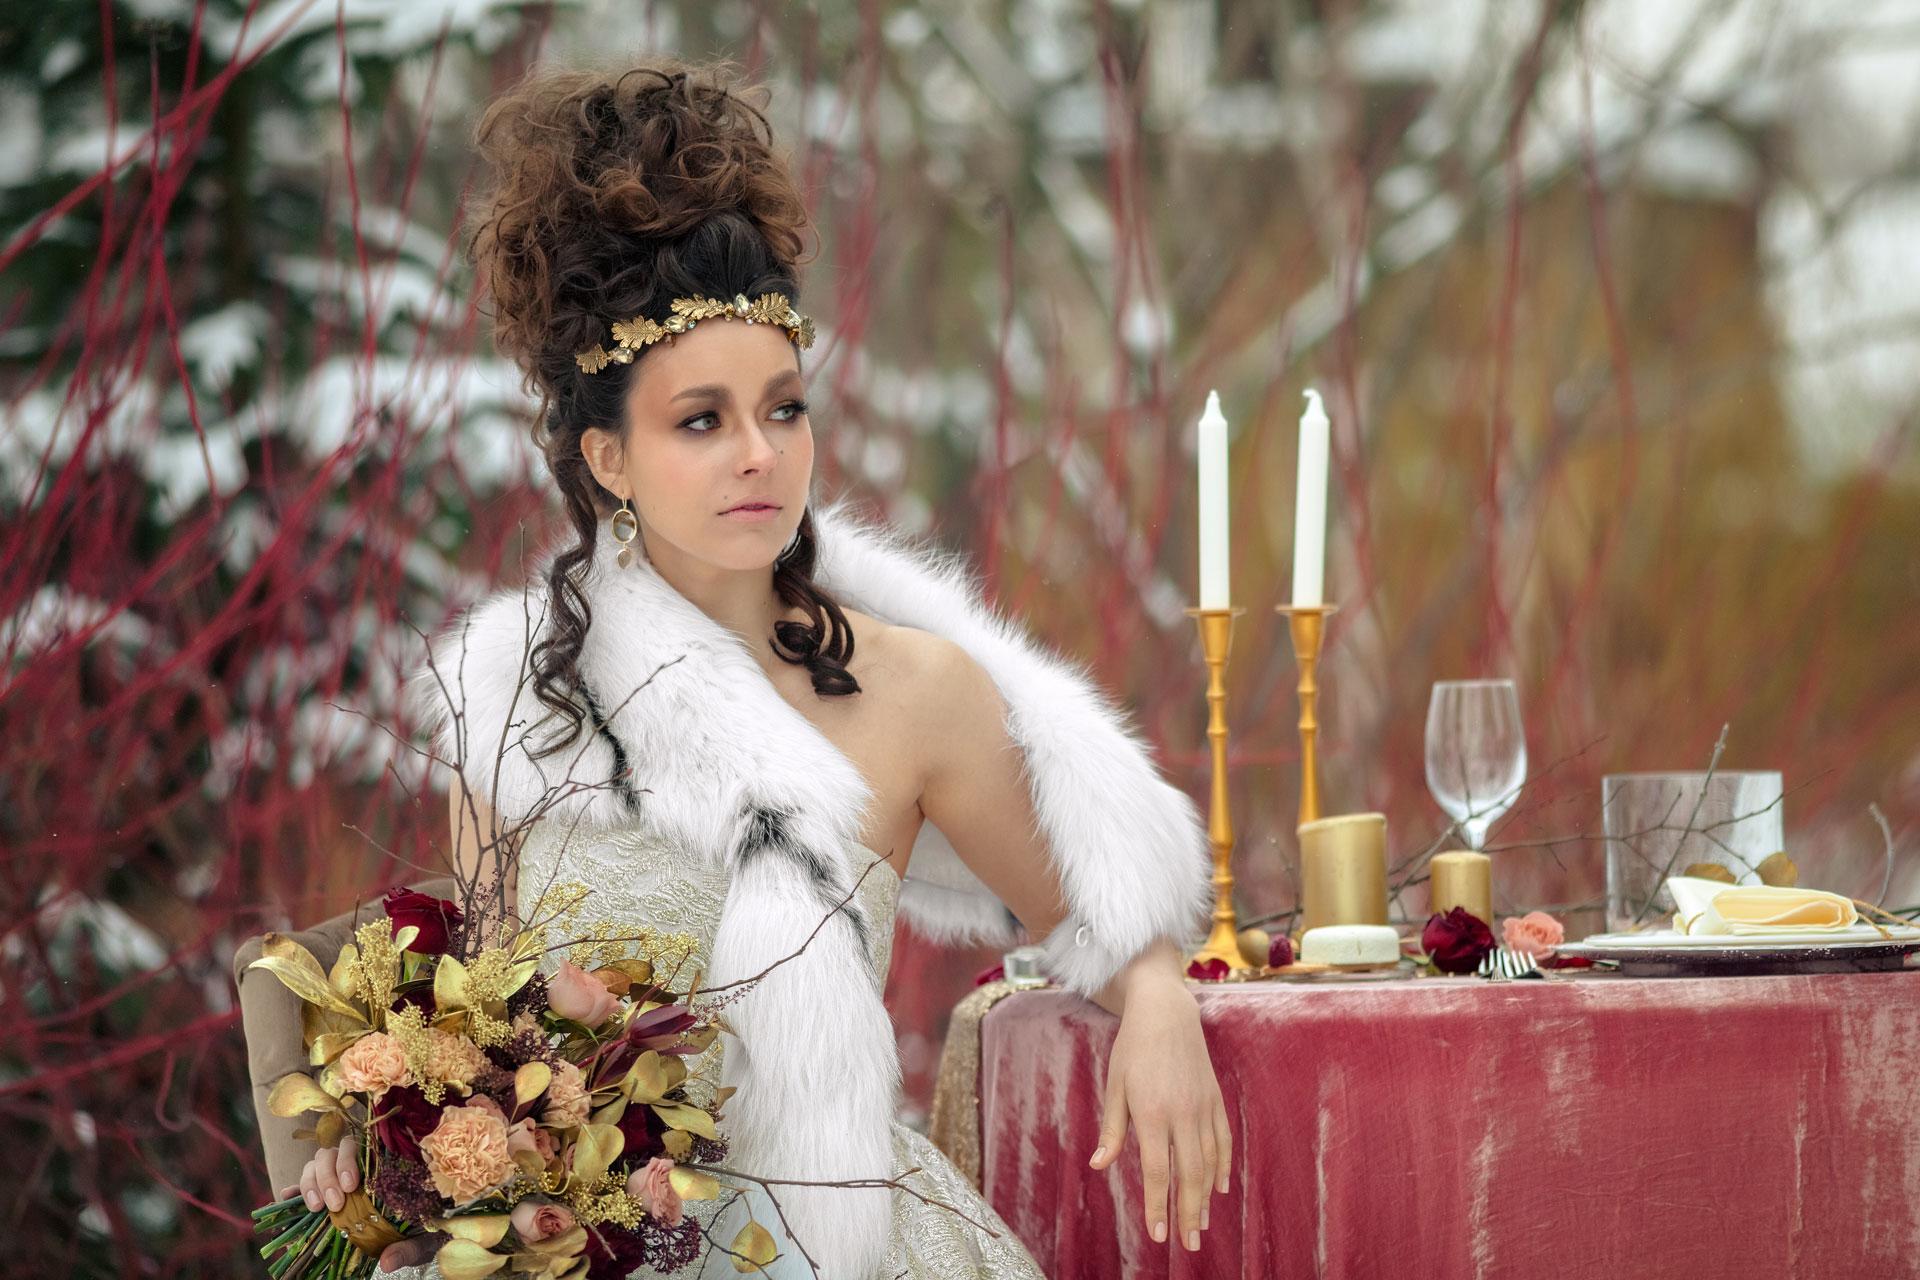 Современное барокко, образ невесты, фото 5